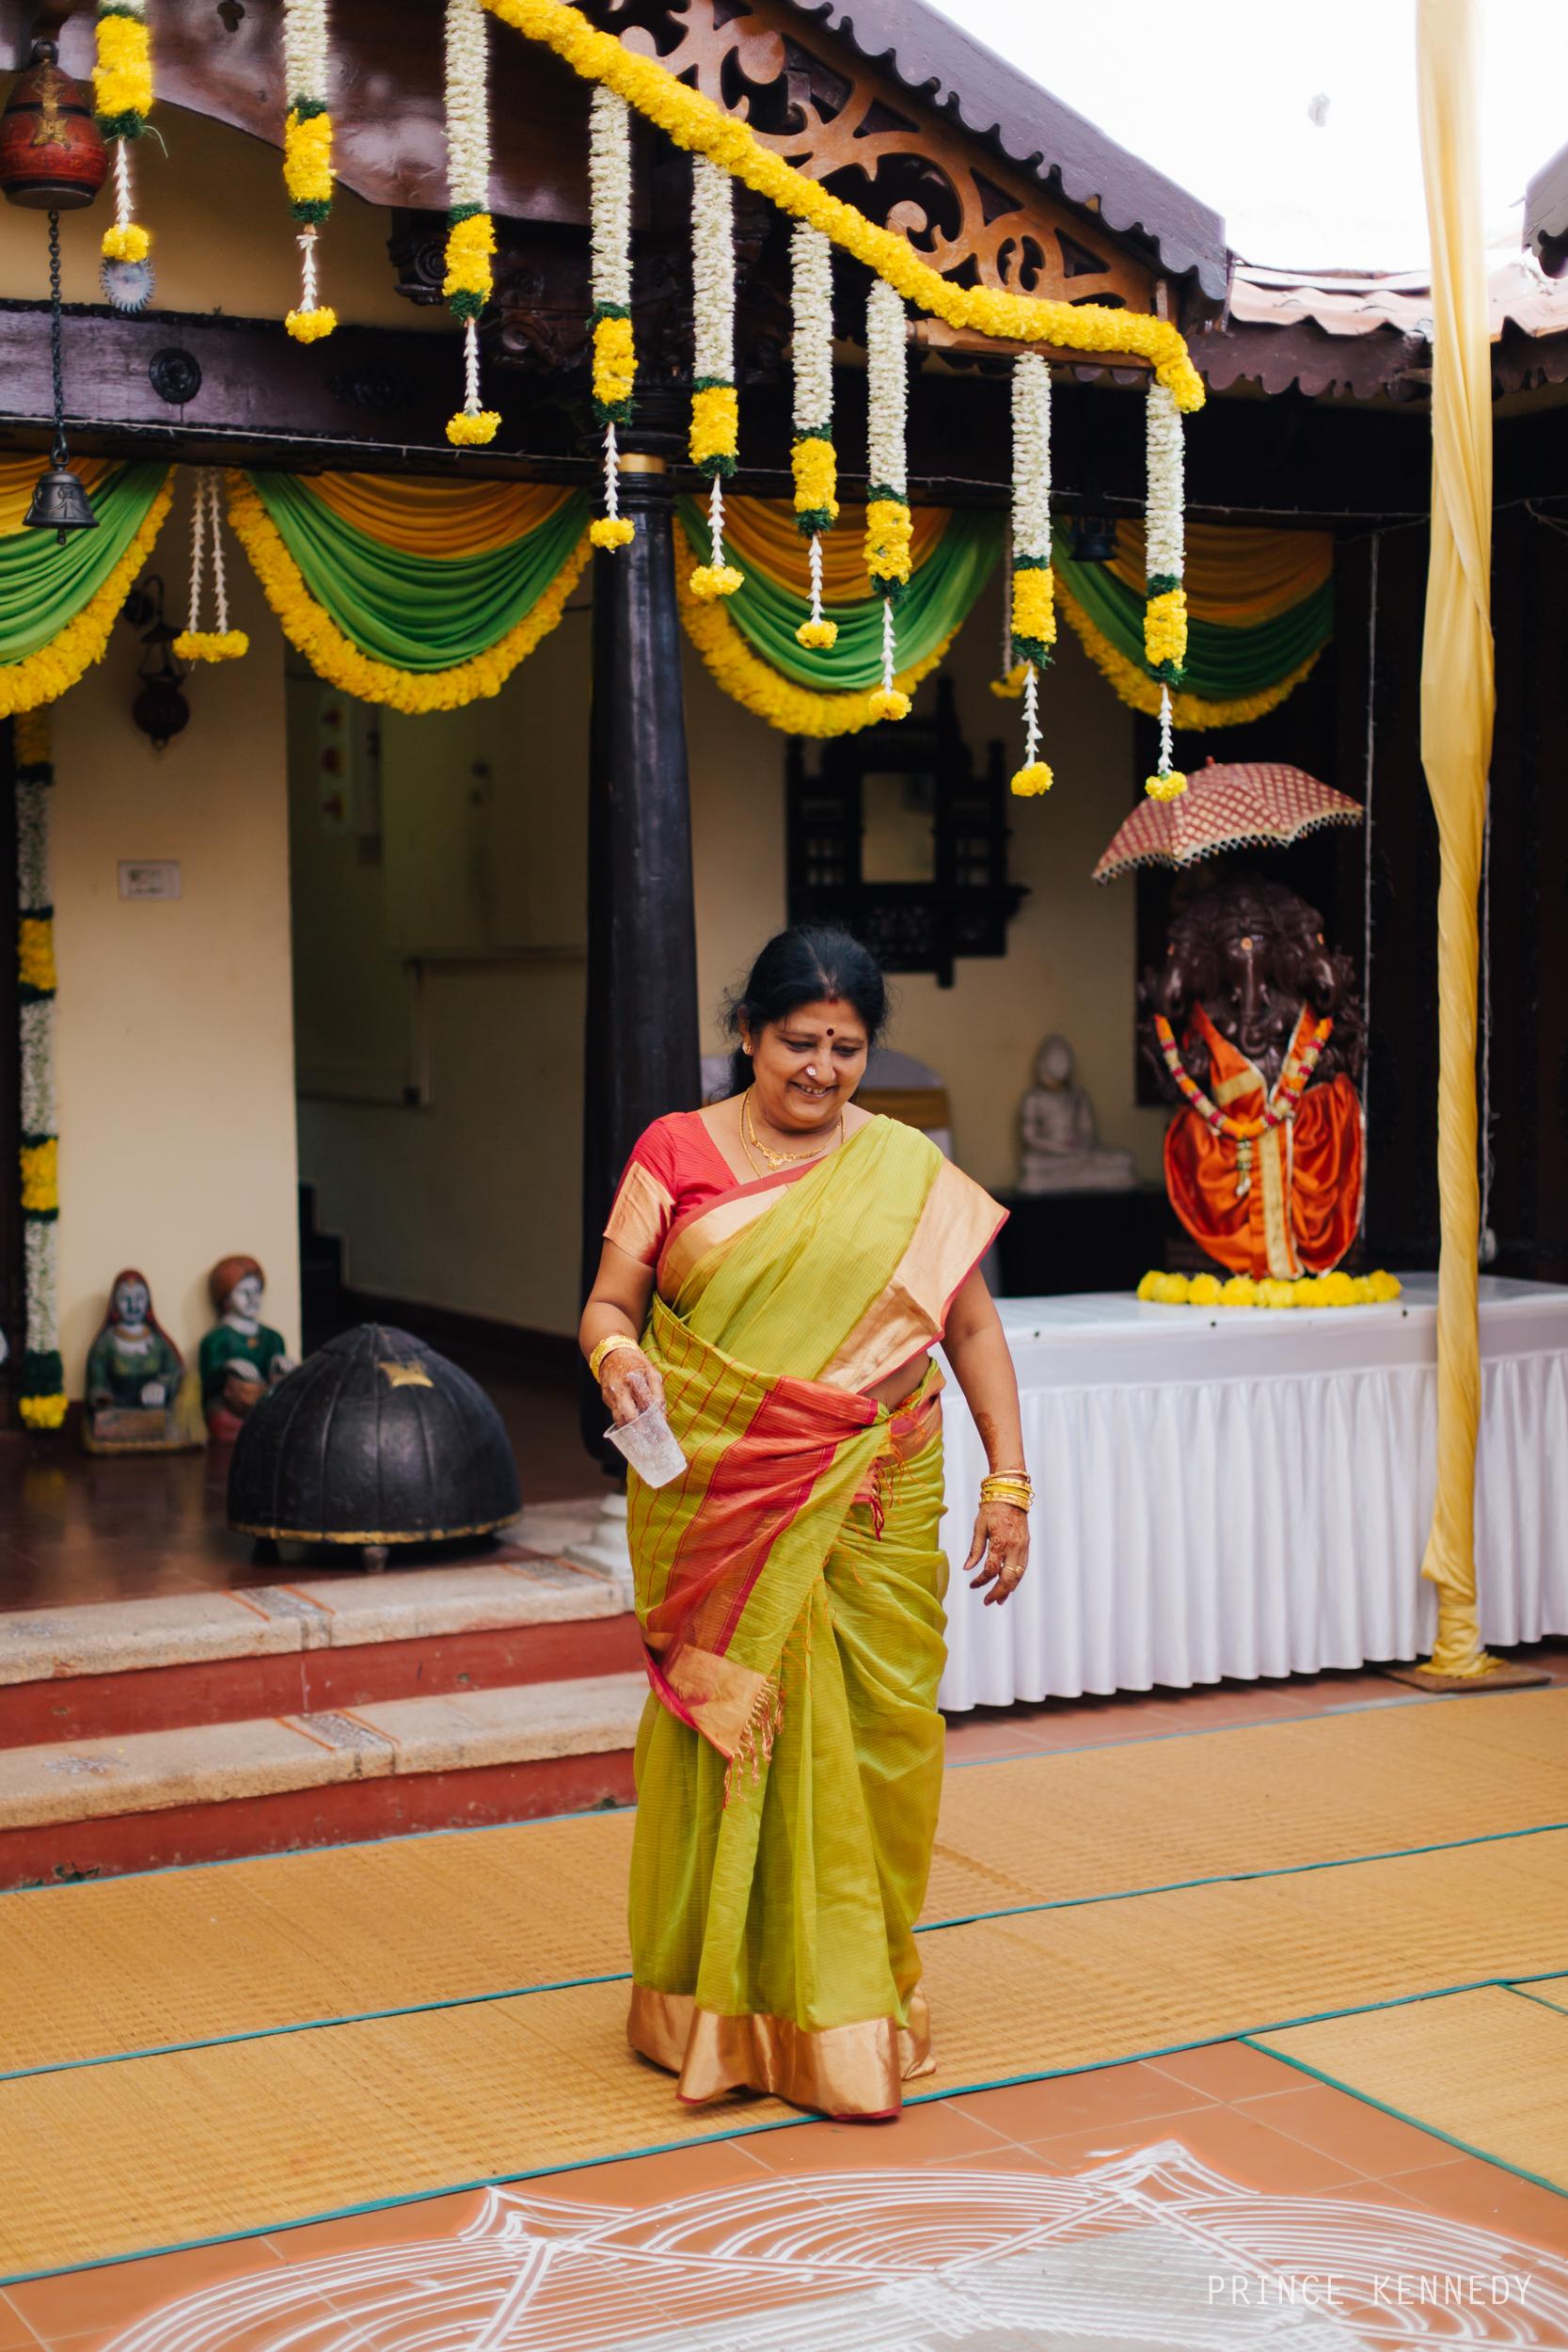 Engagement-Couple-Portrait-Portraiture-Wedding-Couple-Portrait-Chennai-Photographer-Candid-Photography-Destination-Best-Prince-Kennedy-Photography-56.jpg